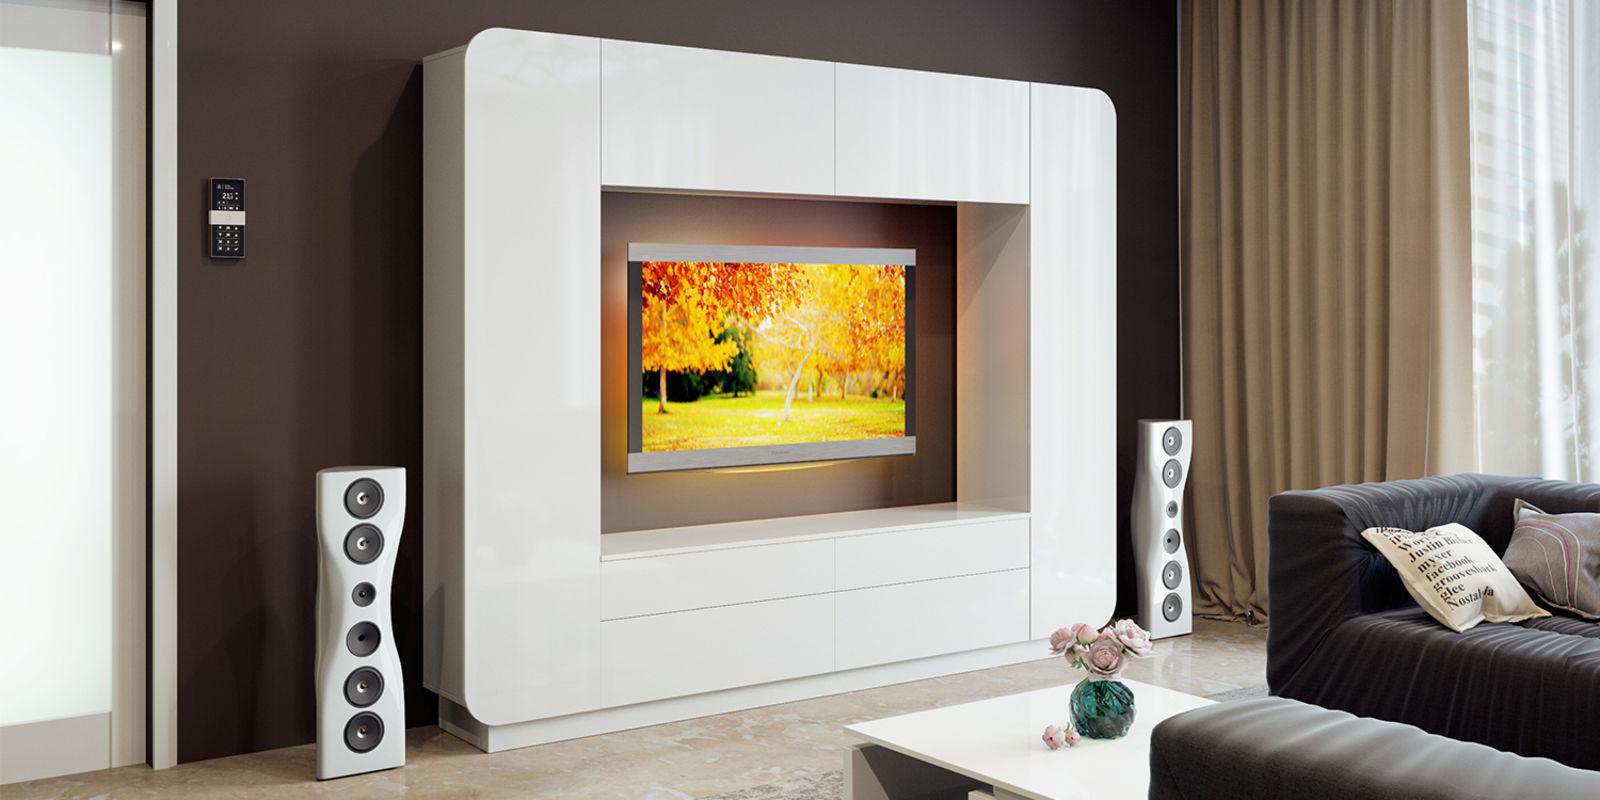 Мебель под телевизор в гостиную (39 фото): подвесная тумба и.